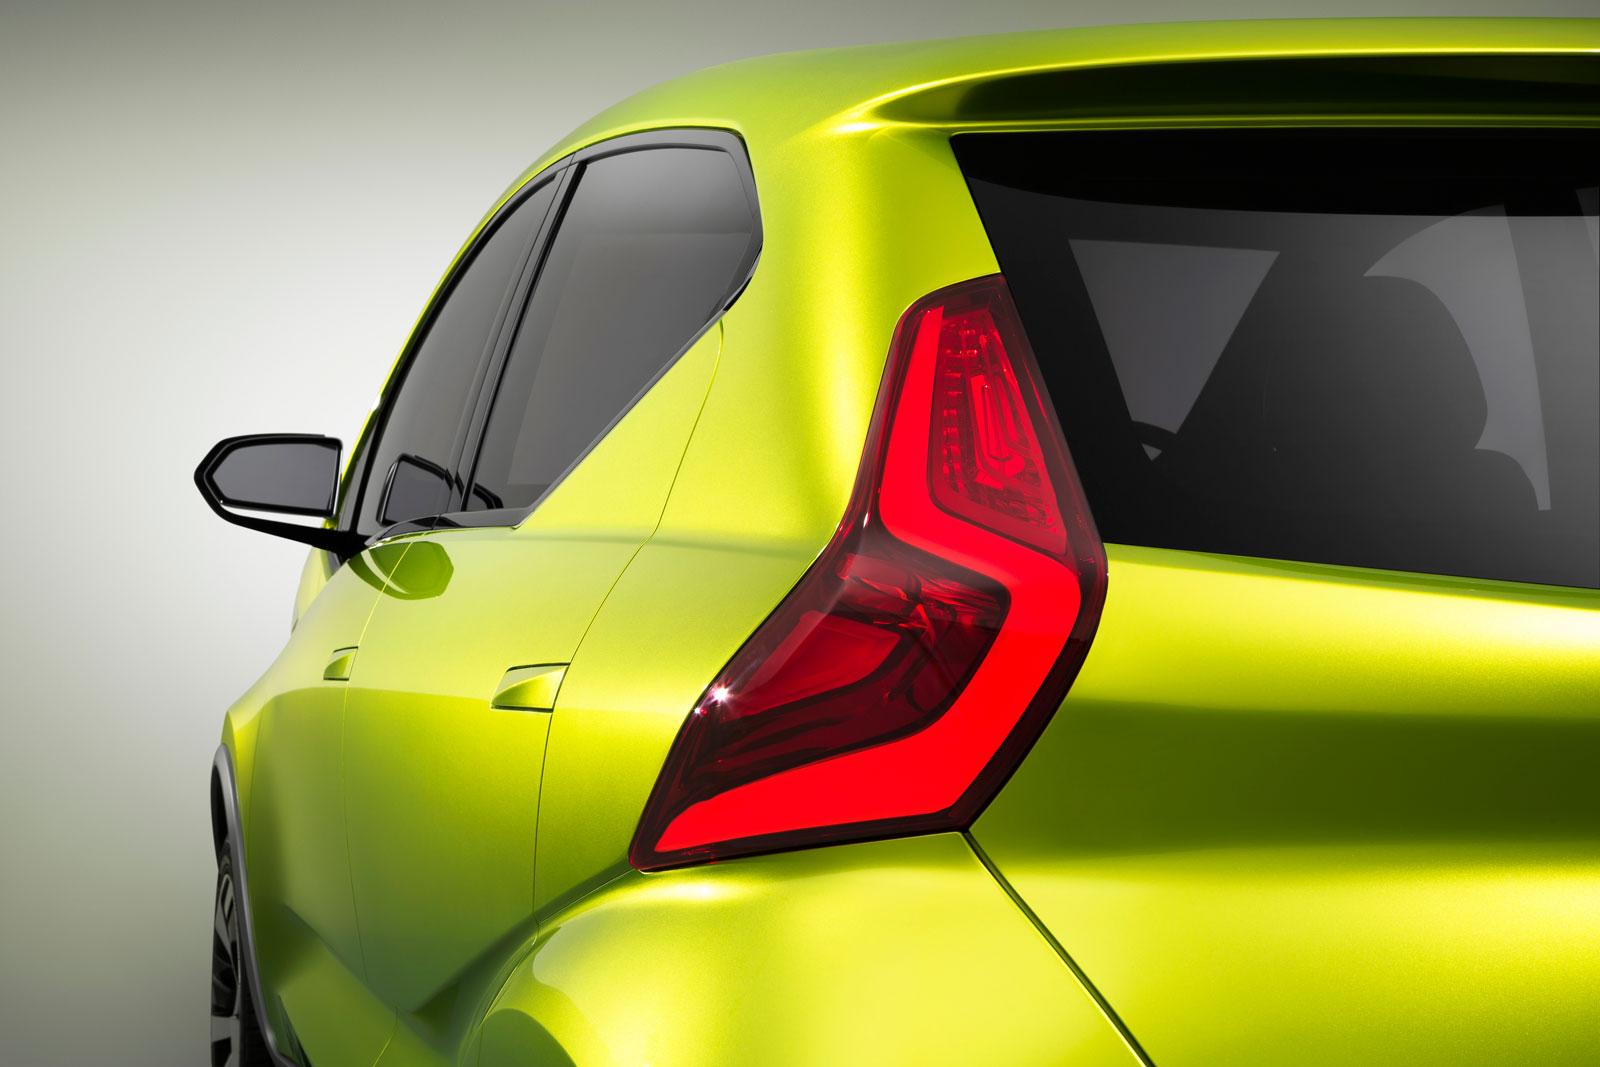 2014 Datsun Redi Go Concepts